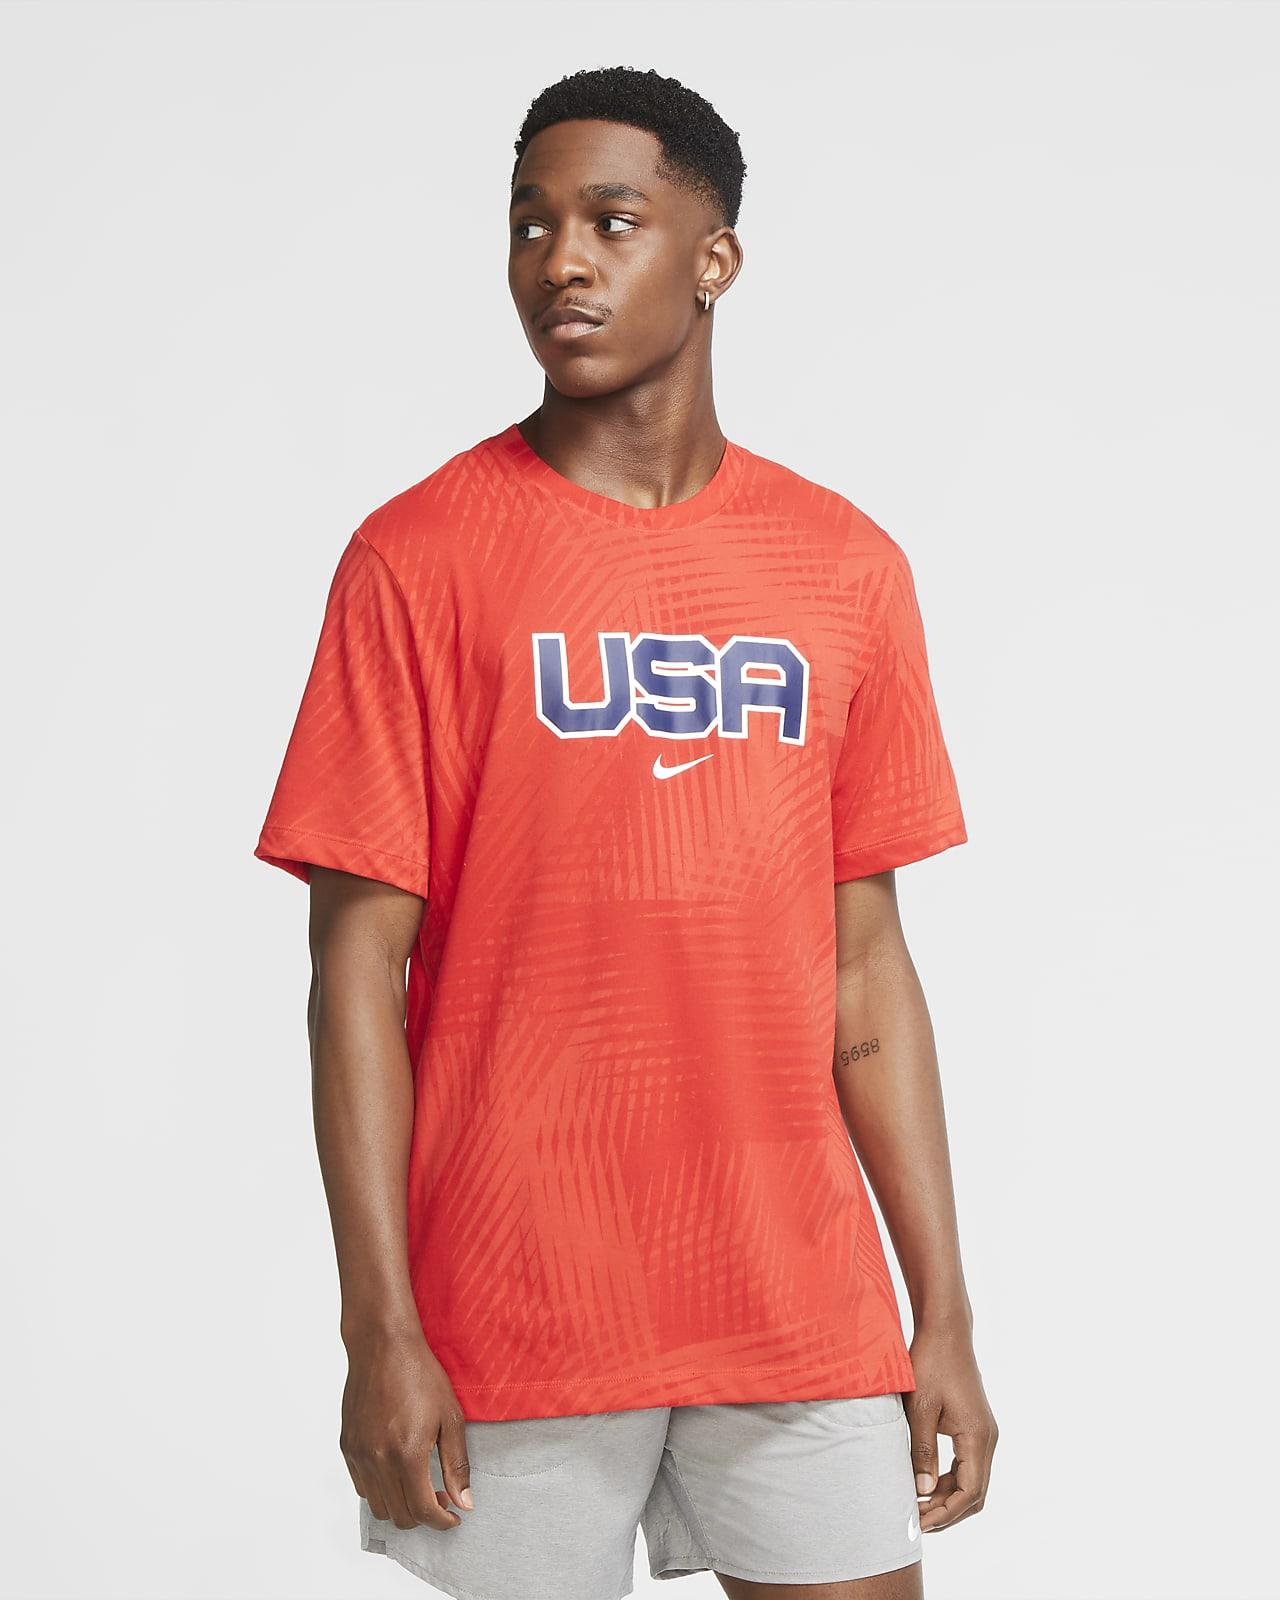 เสื้อยืดวิ่ง Nike Dri-FIT Mixed Relays